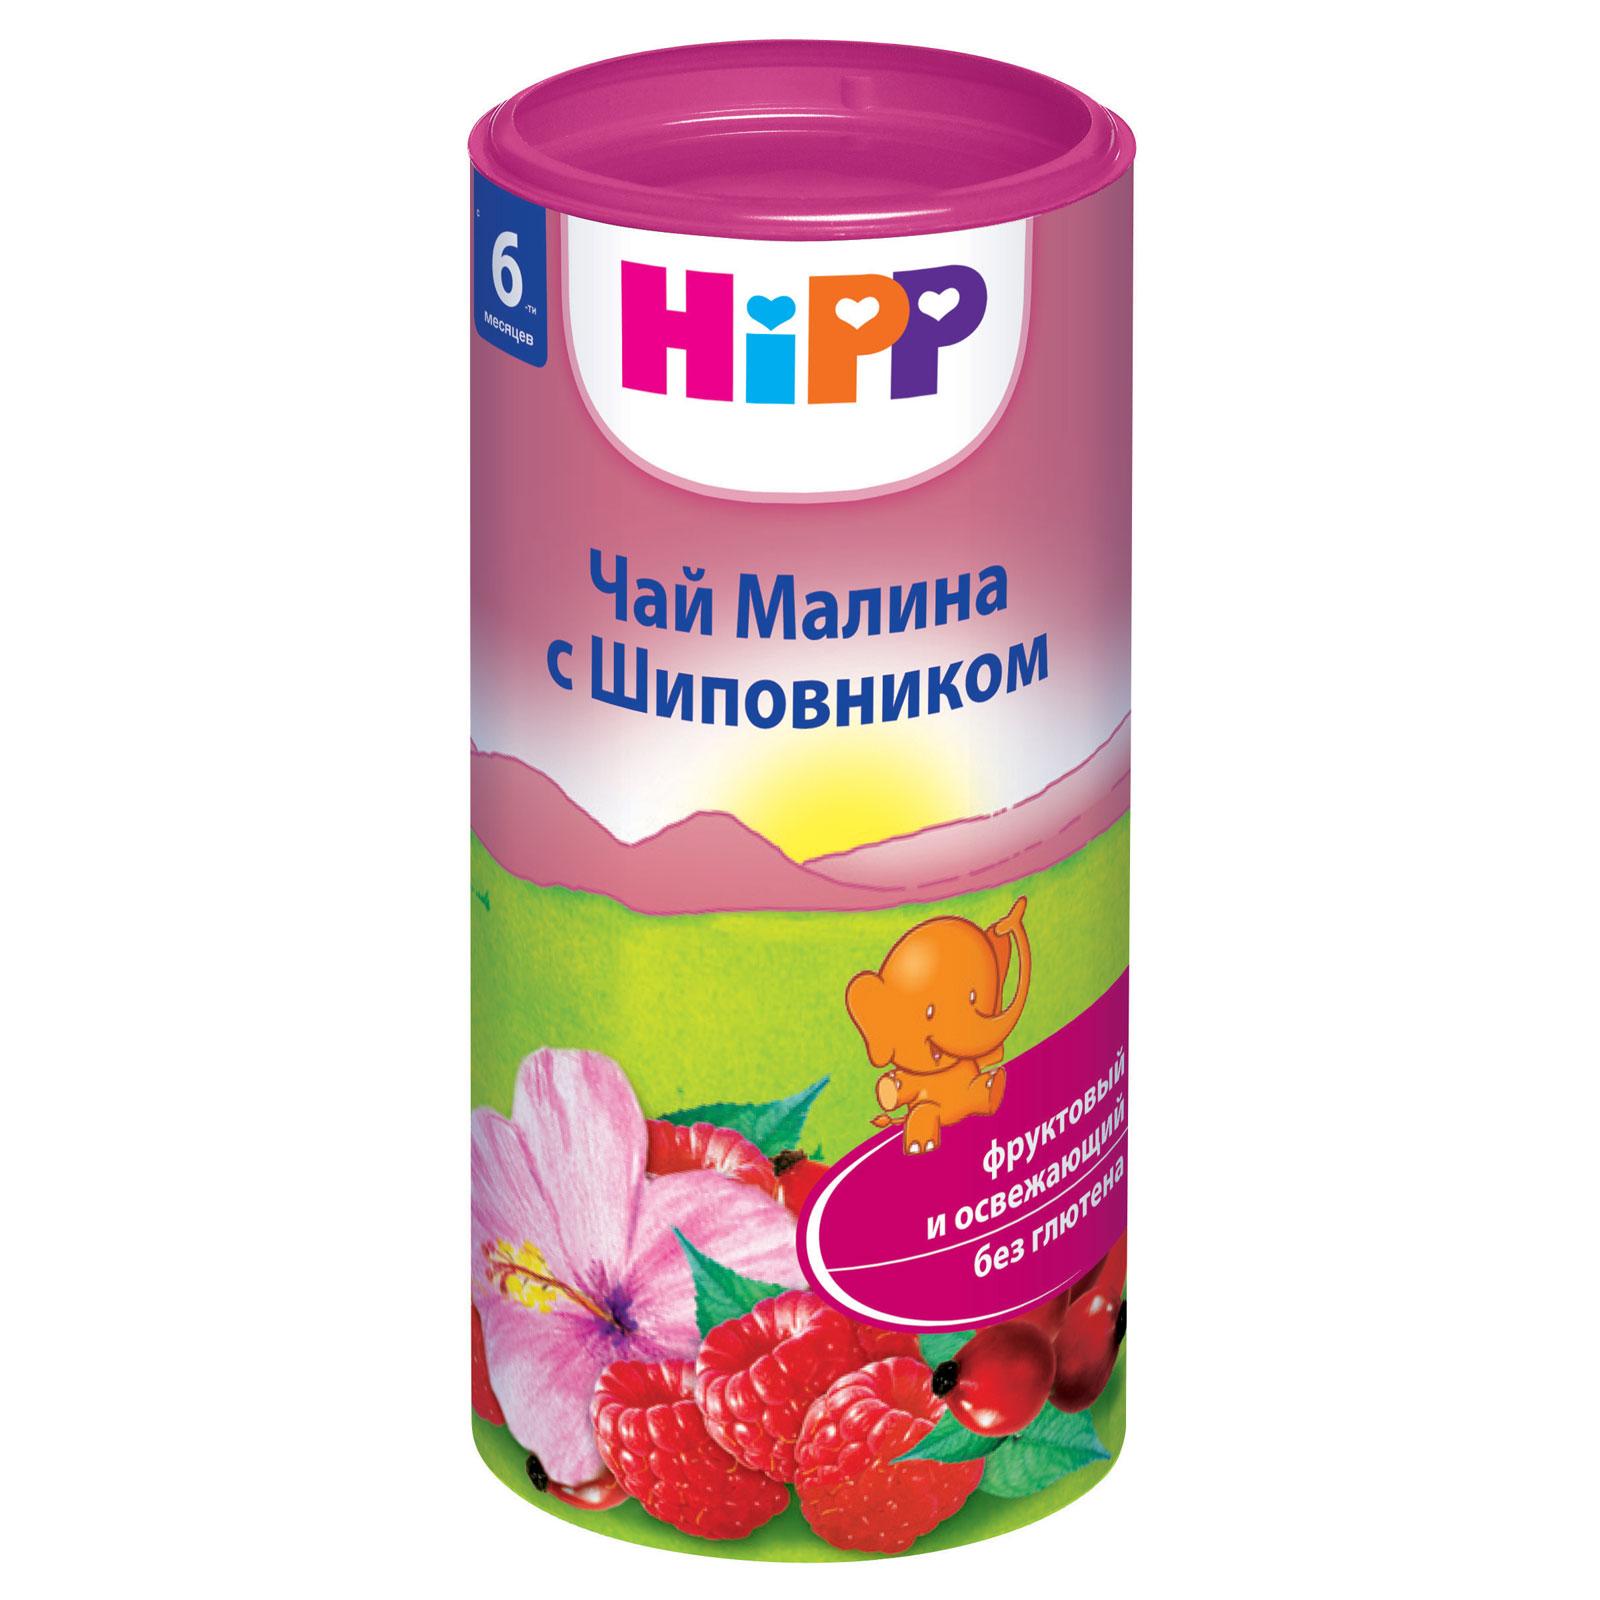 Чай детский Hipp быстрорастворимый 200 гр Малина шиповник (с 6 мес)<br>